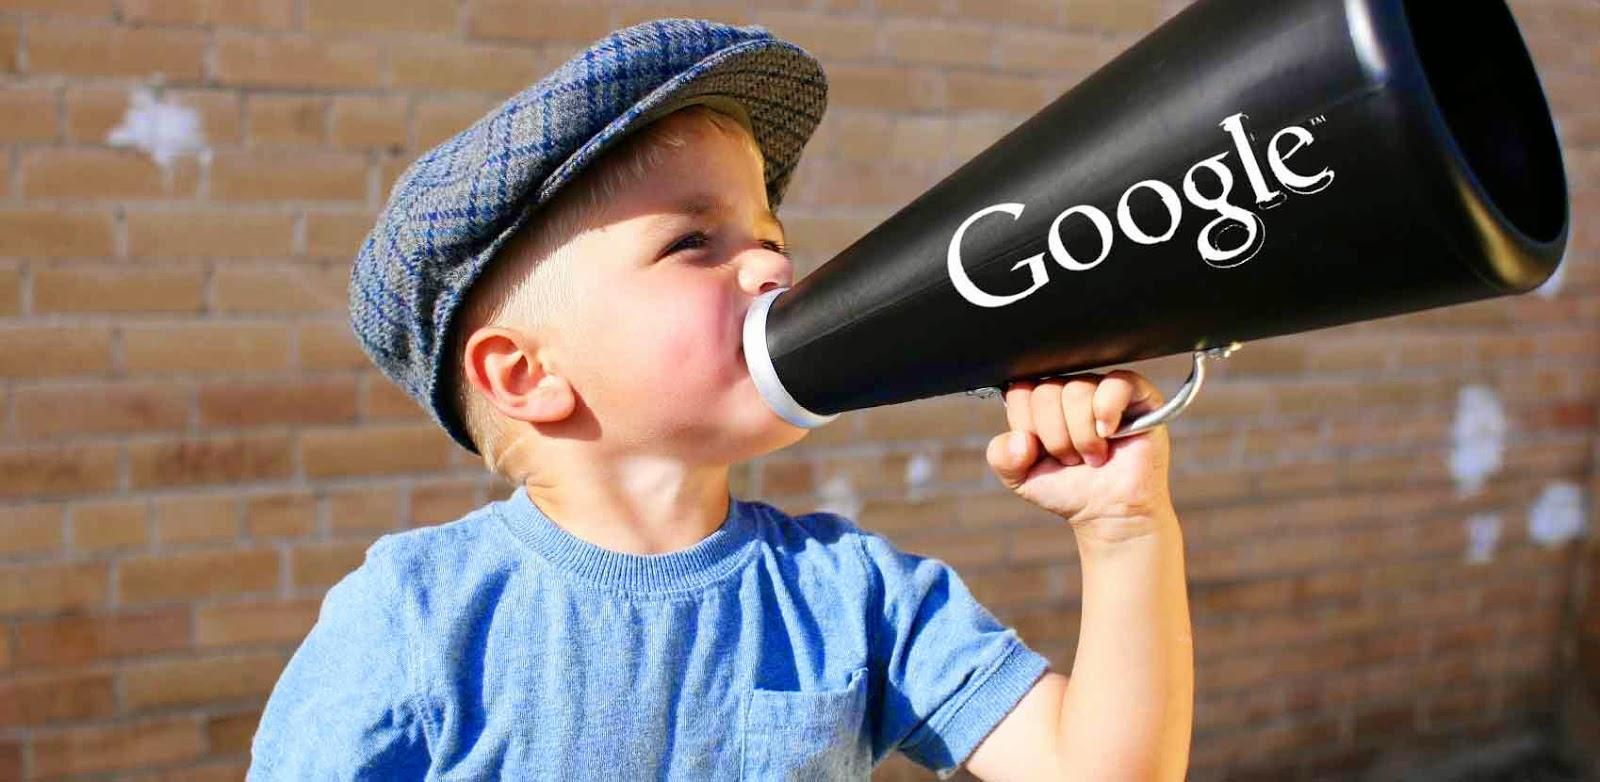 divulgar no google